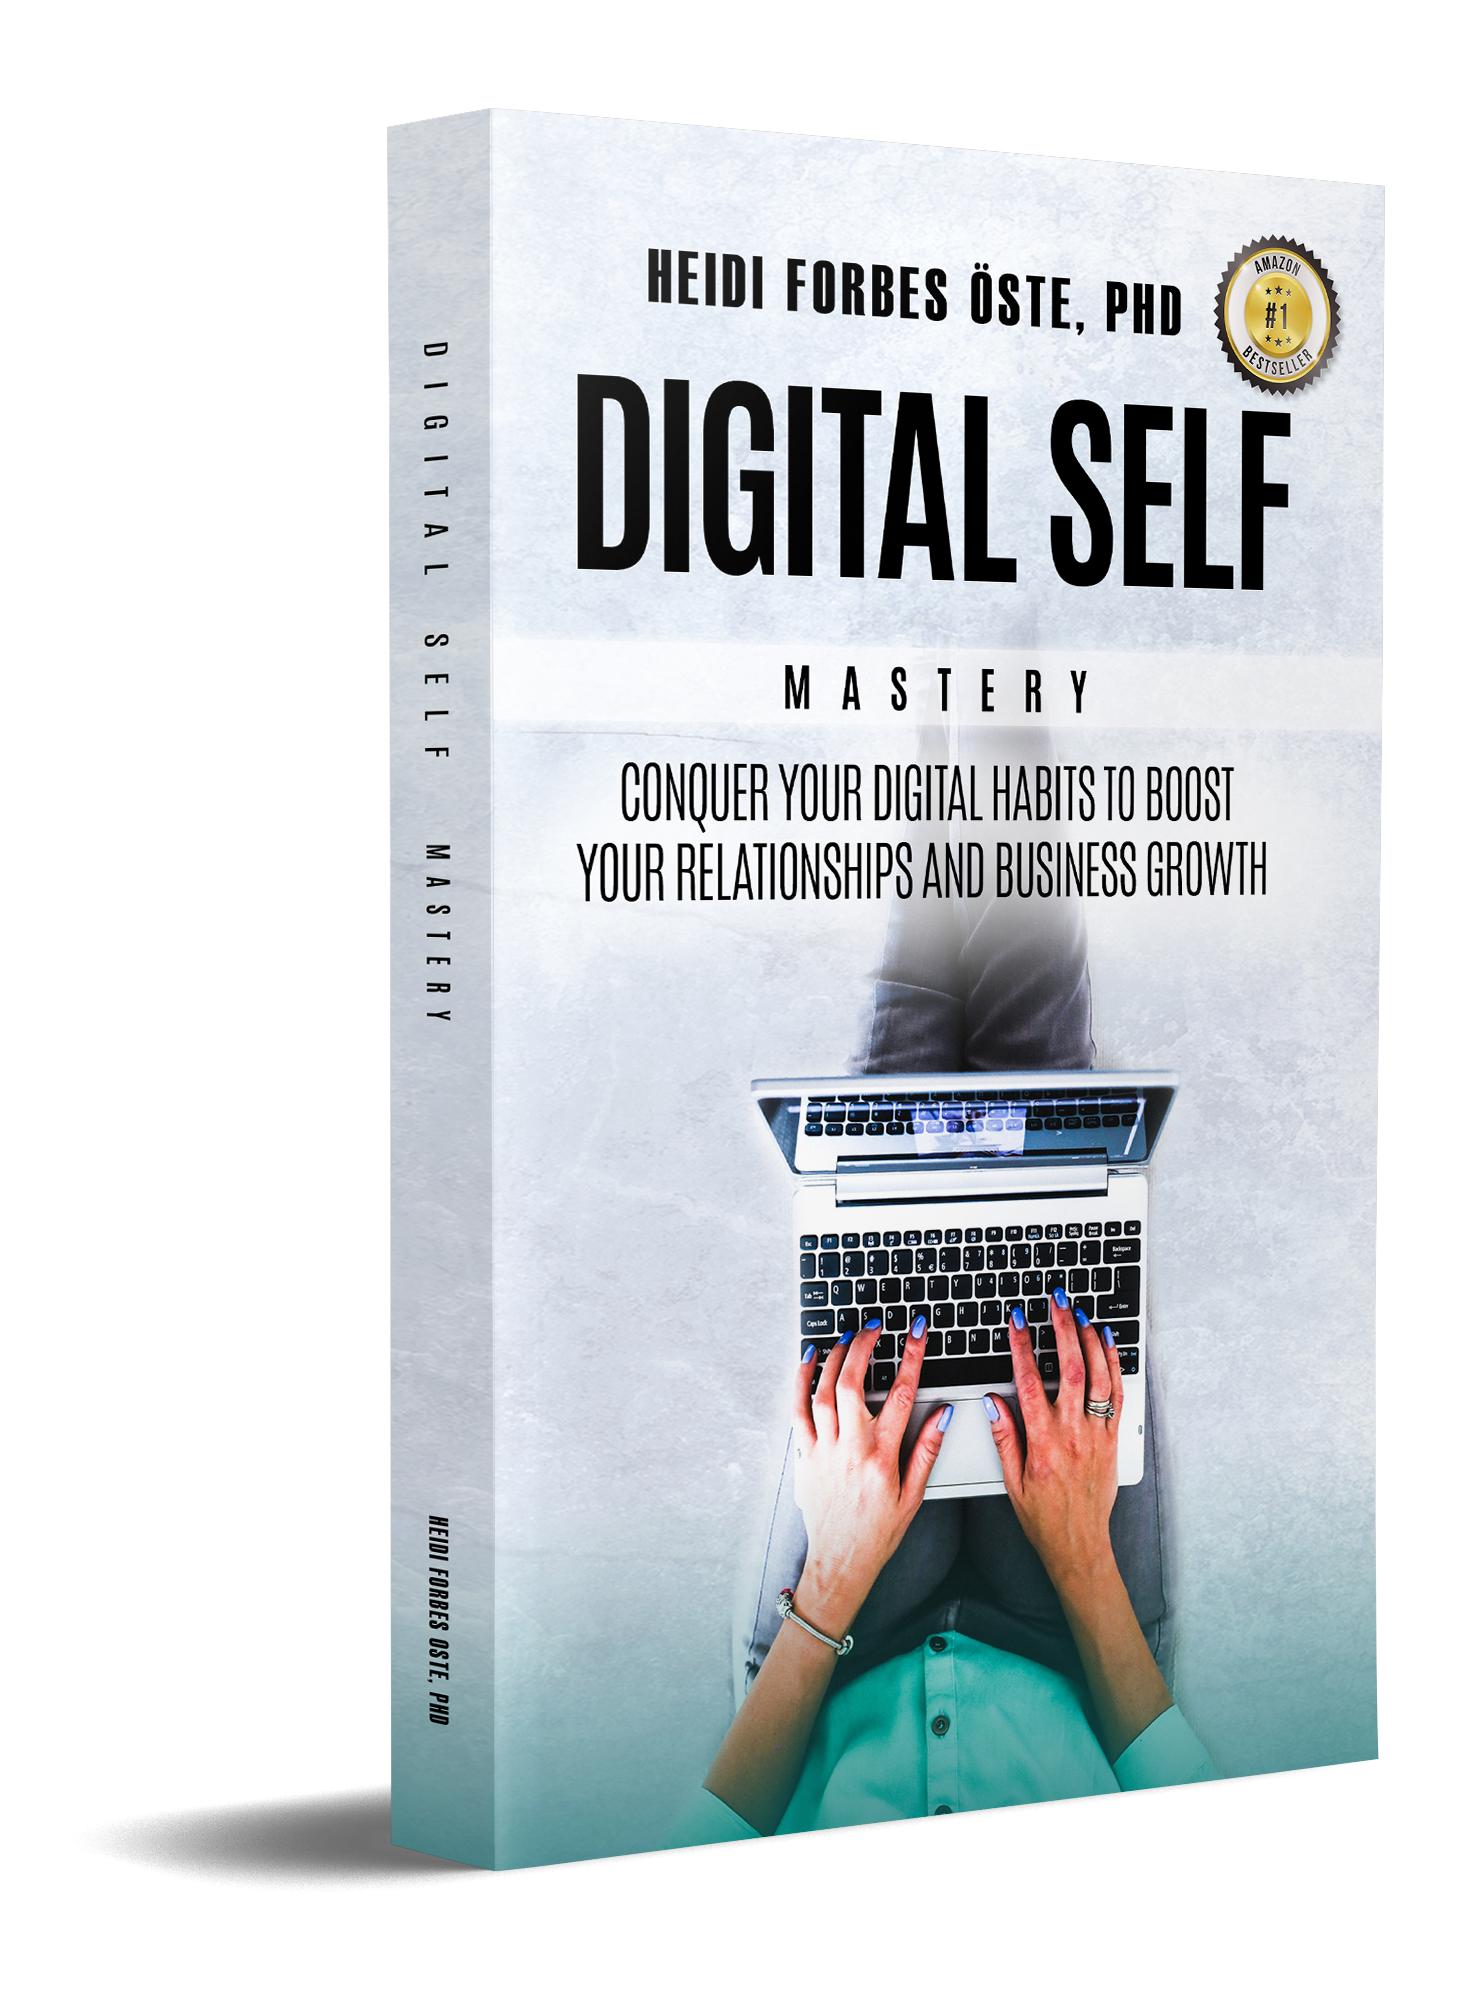 Digital Self Mastery for Entrepreneurs